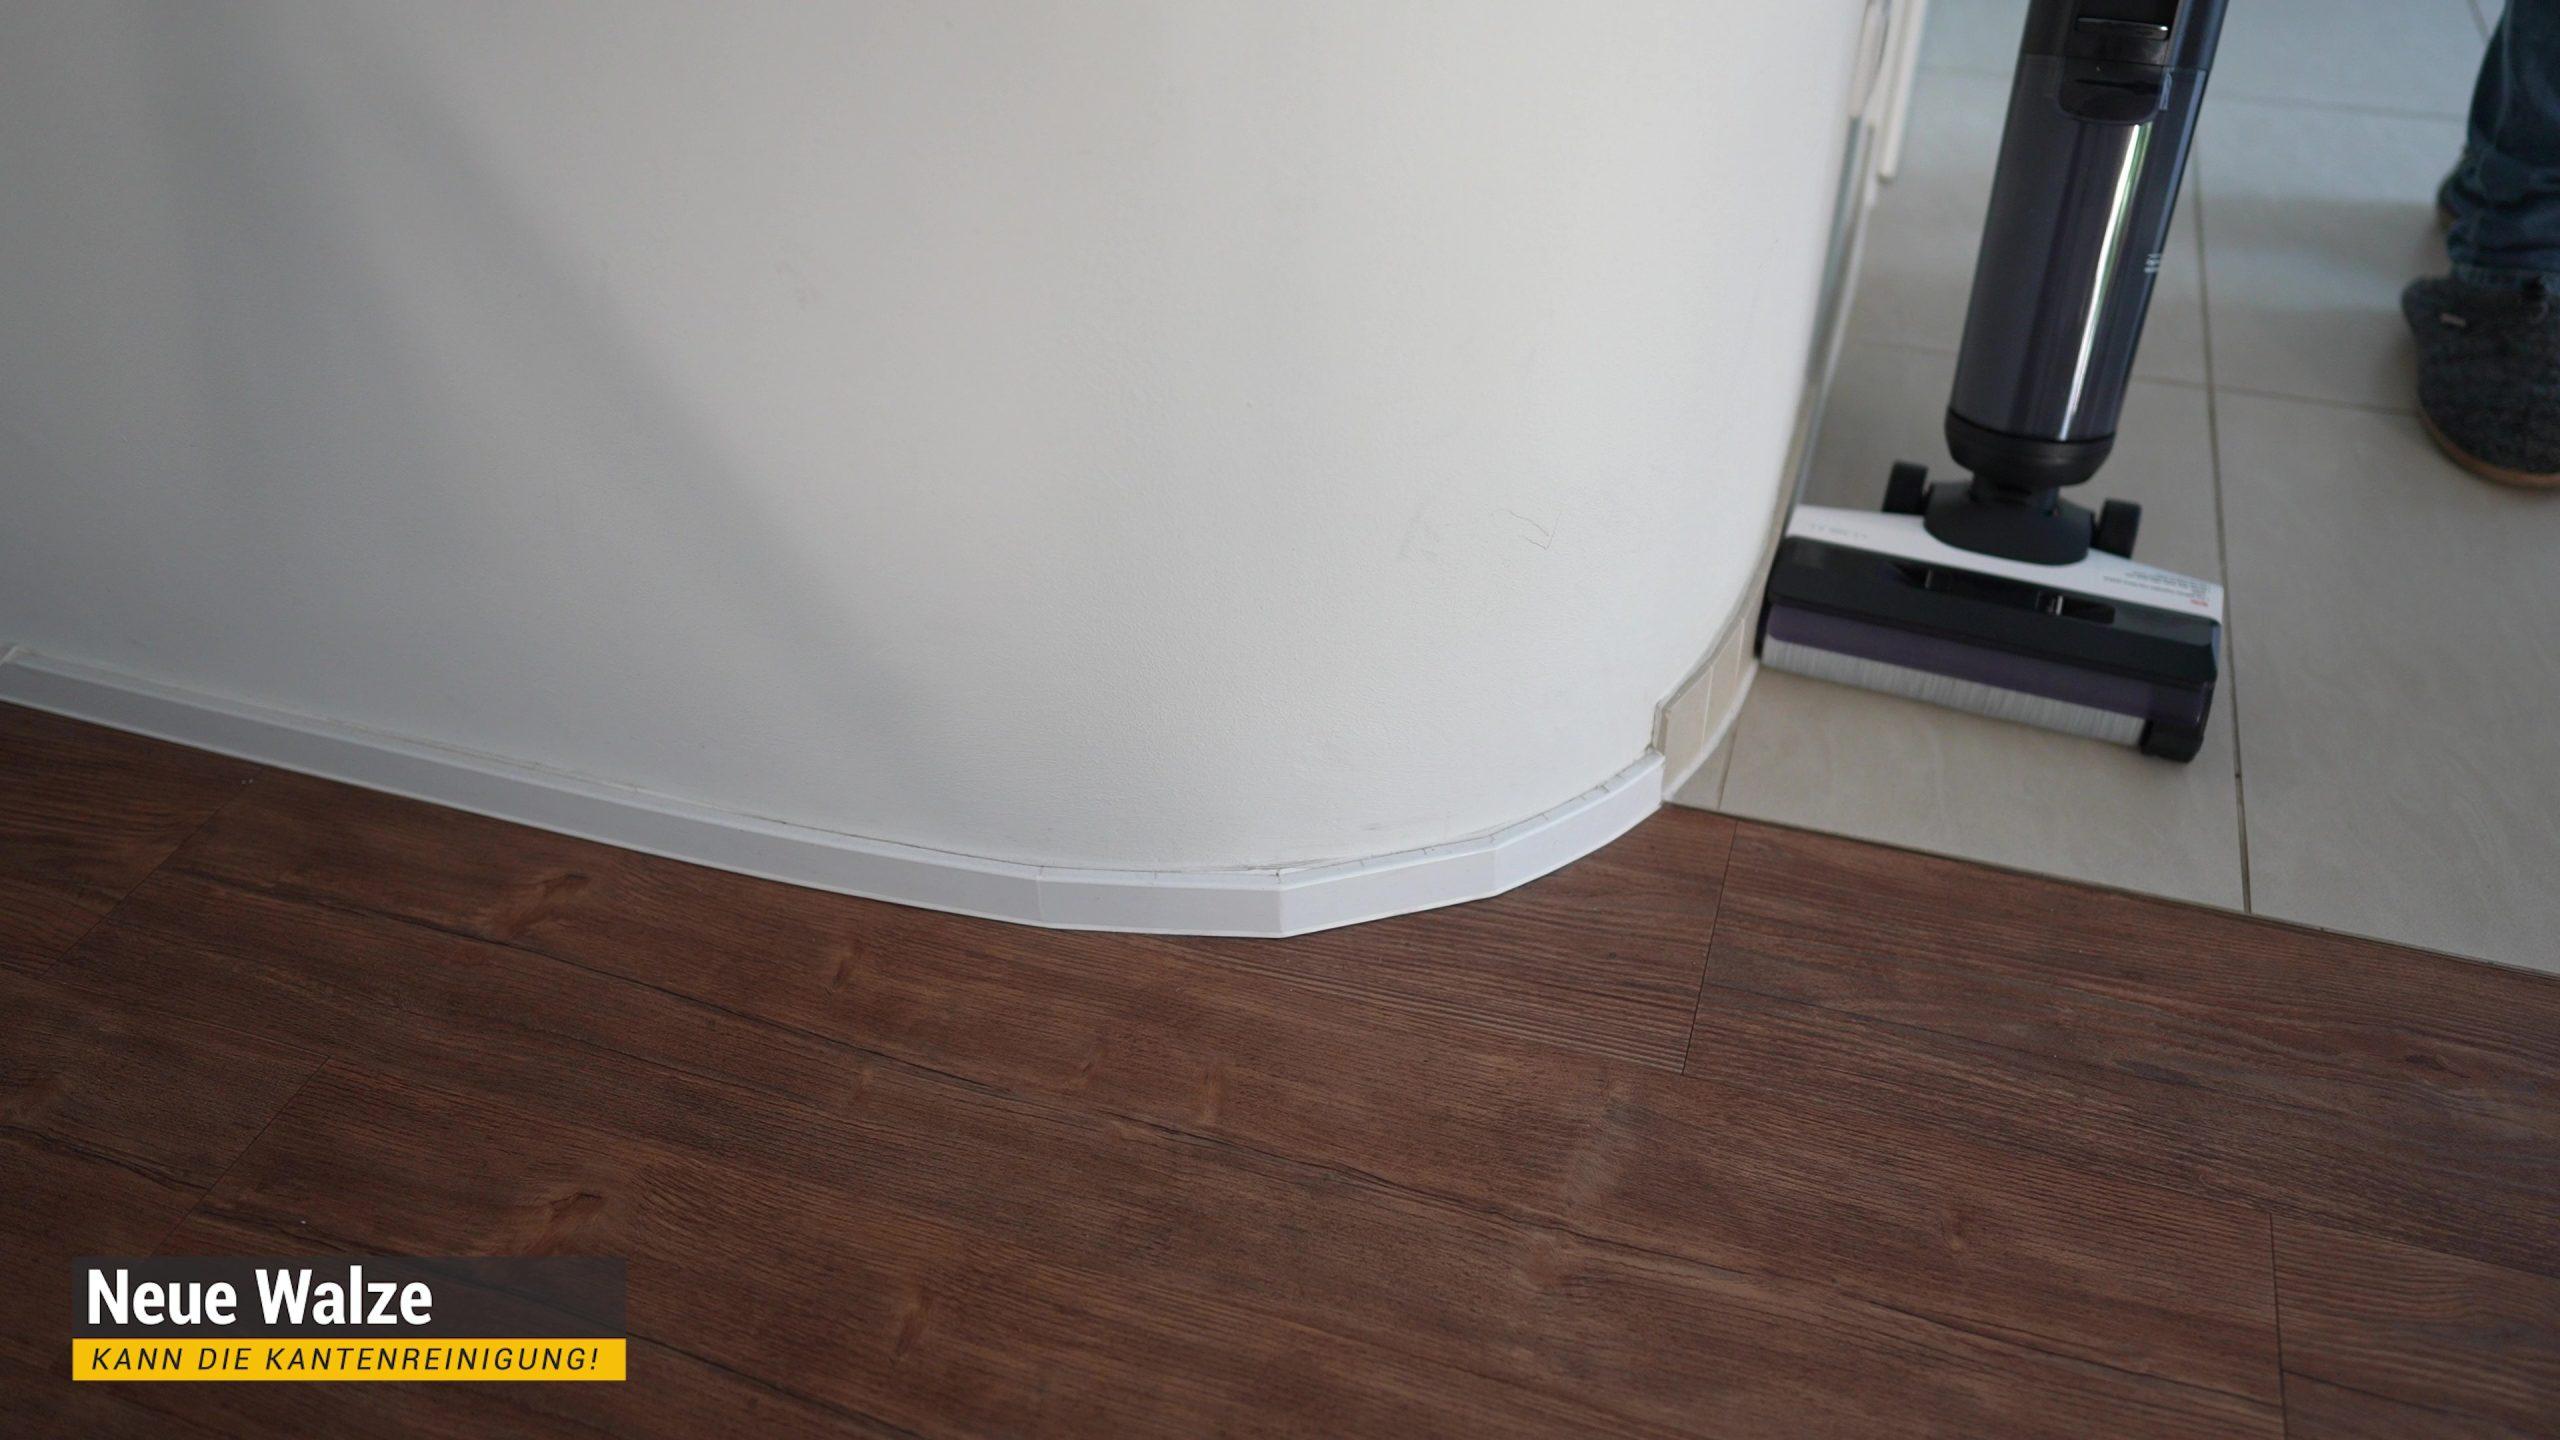 Tineco Floor One S5 Pro Wischsauger Akkusauger Kantenreinigung Funktionsweise